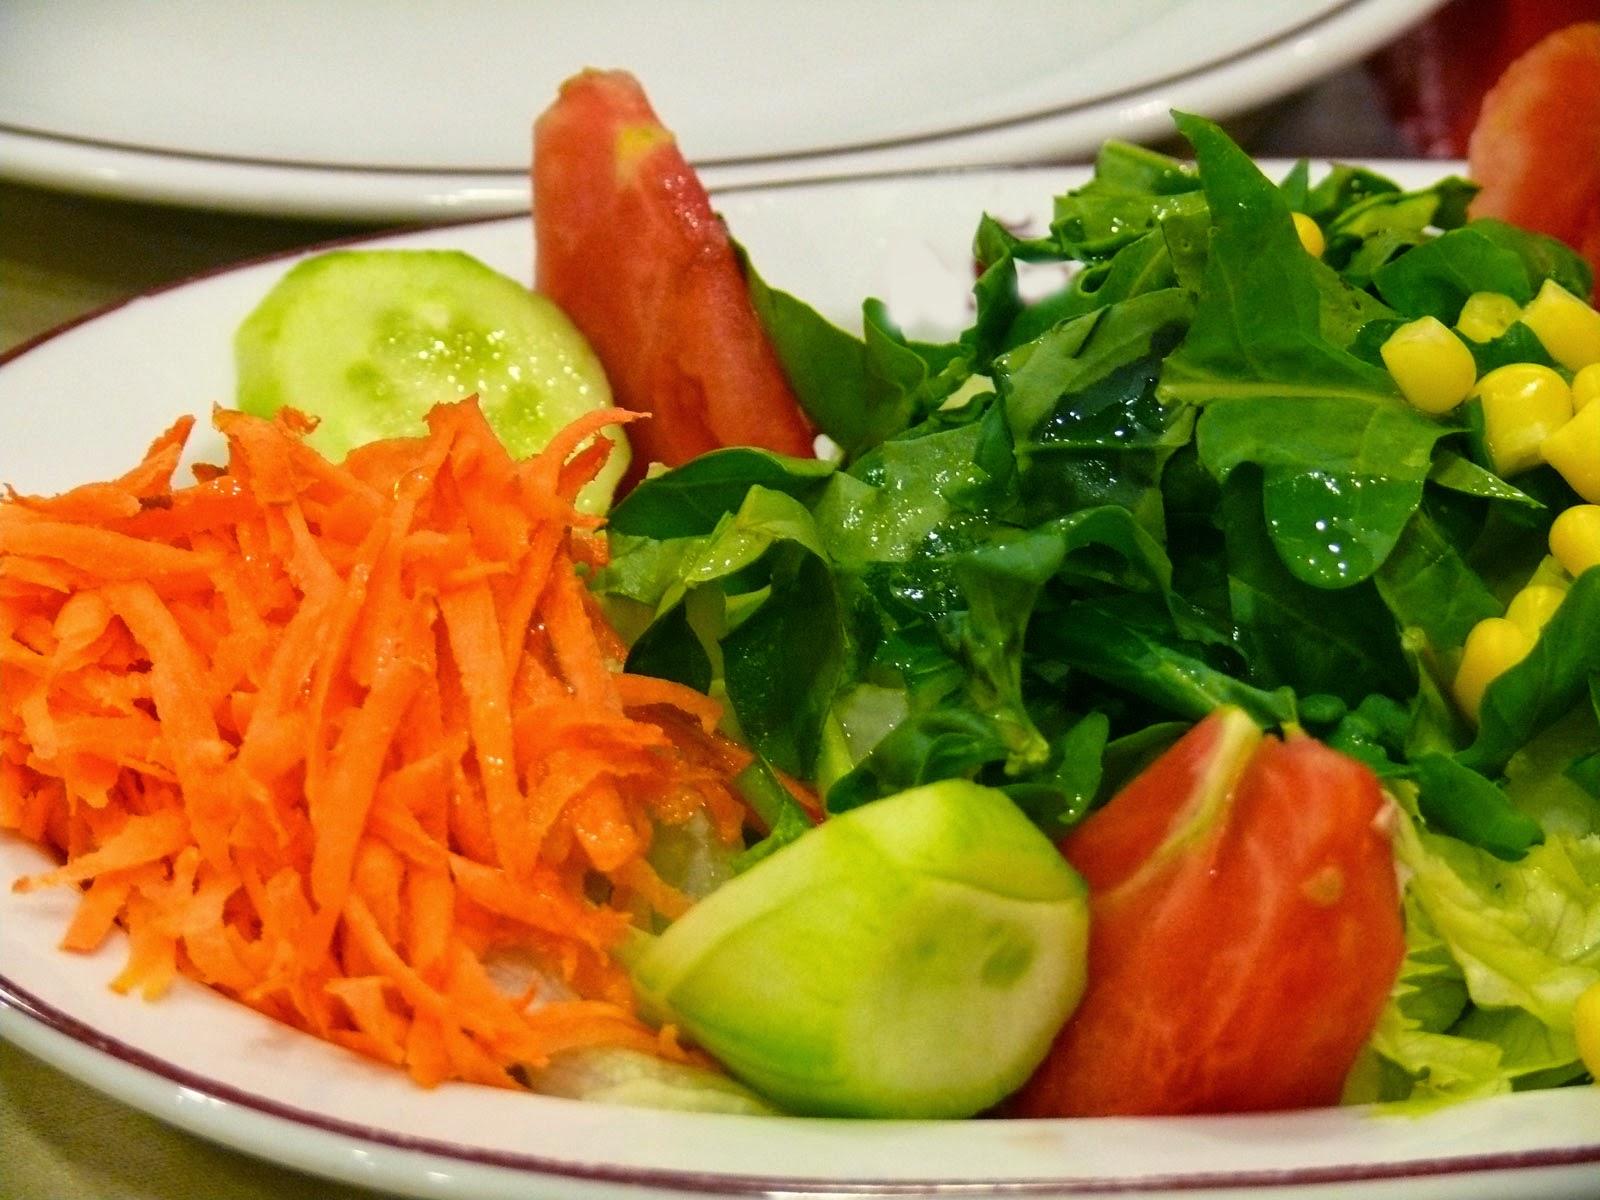 tratamiento para aliviar la gota comer tomate es malo para el acido urico que es bueno para la gota asiatica